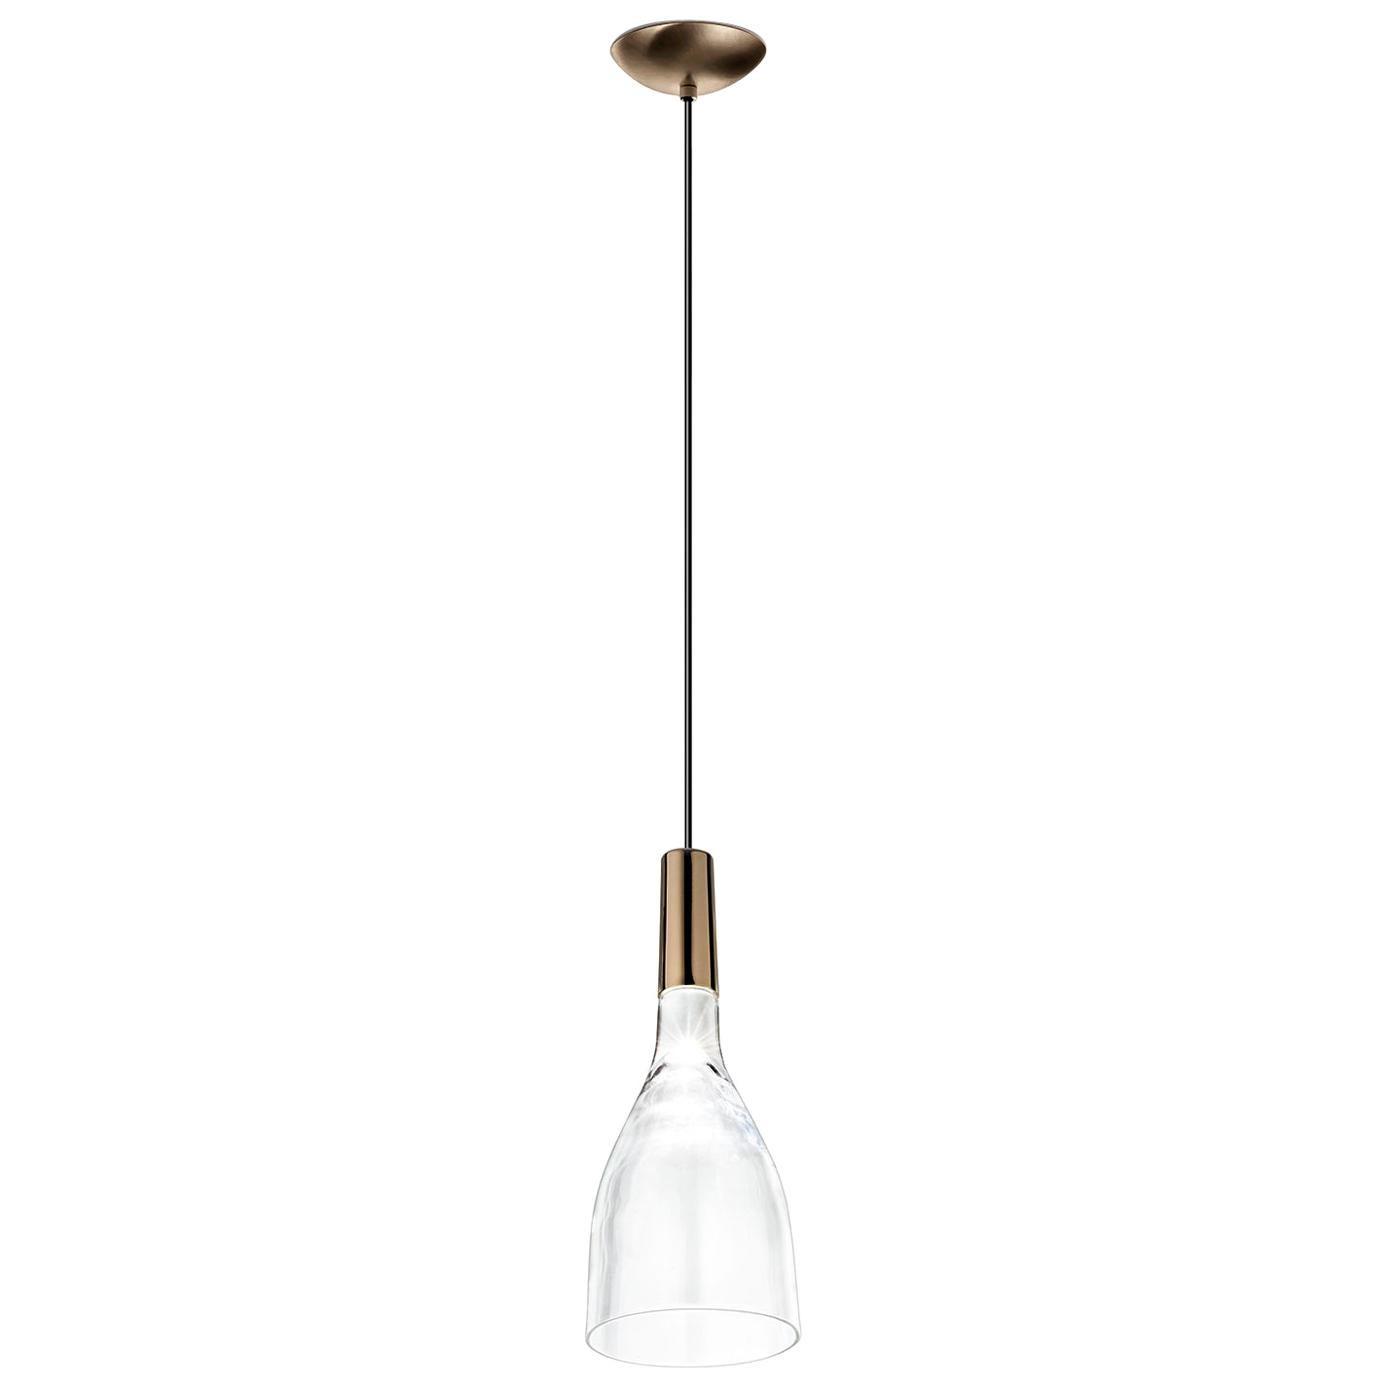 Vistosi Scintilla SP Suspension Light by Giovanni Barbato